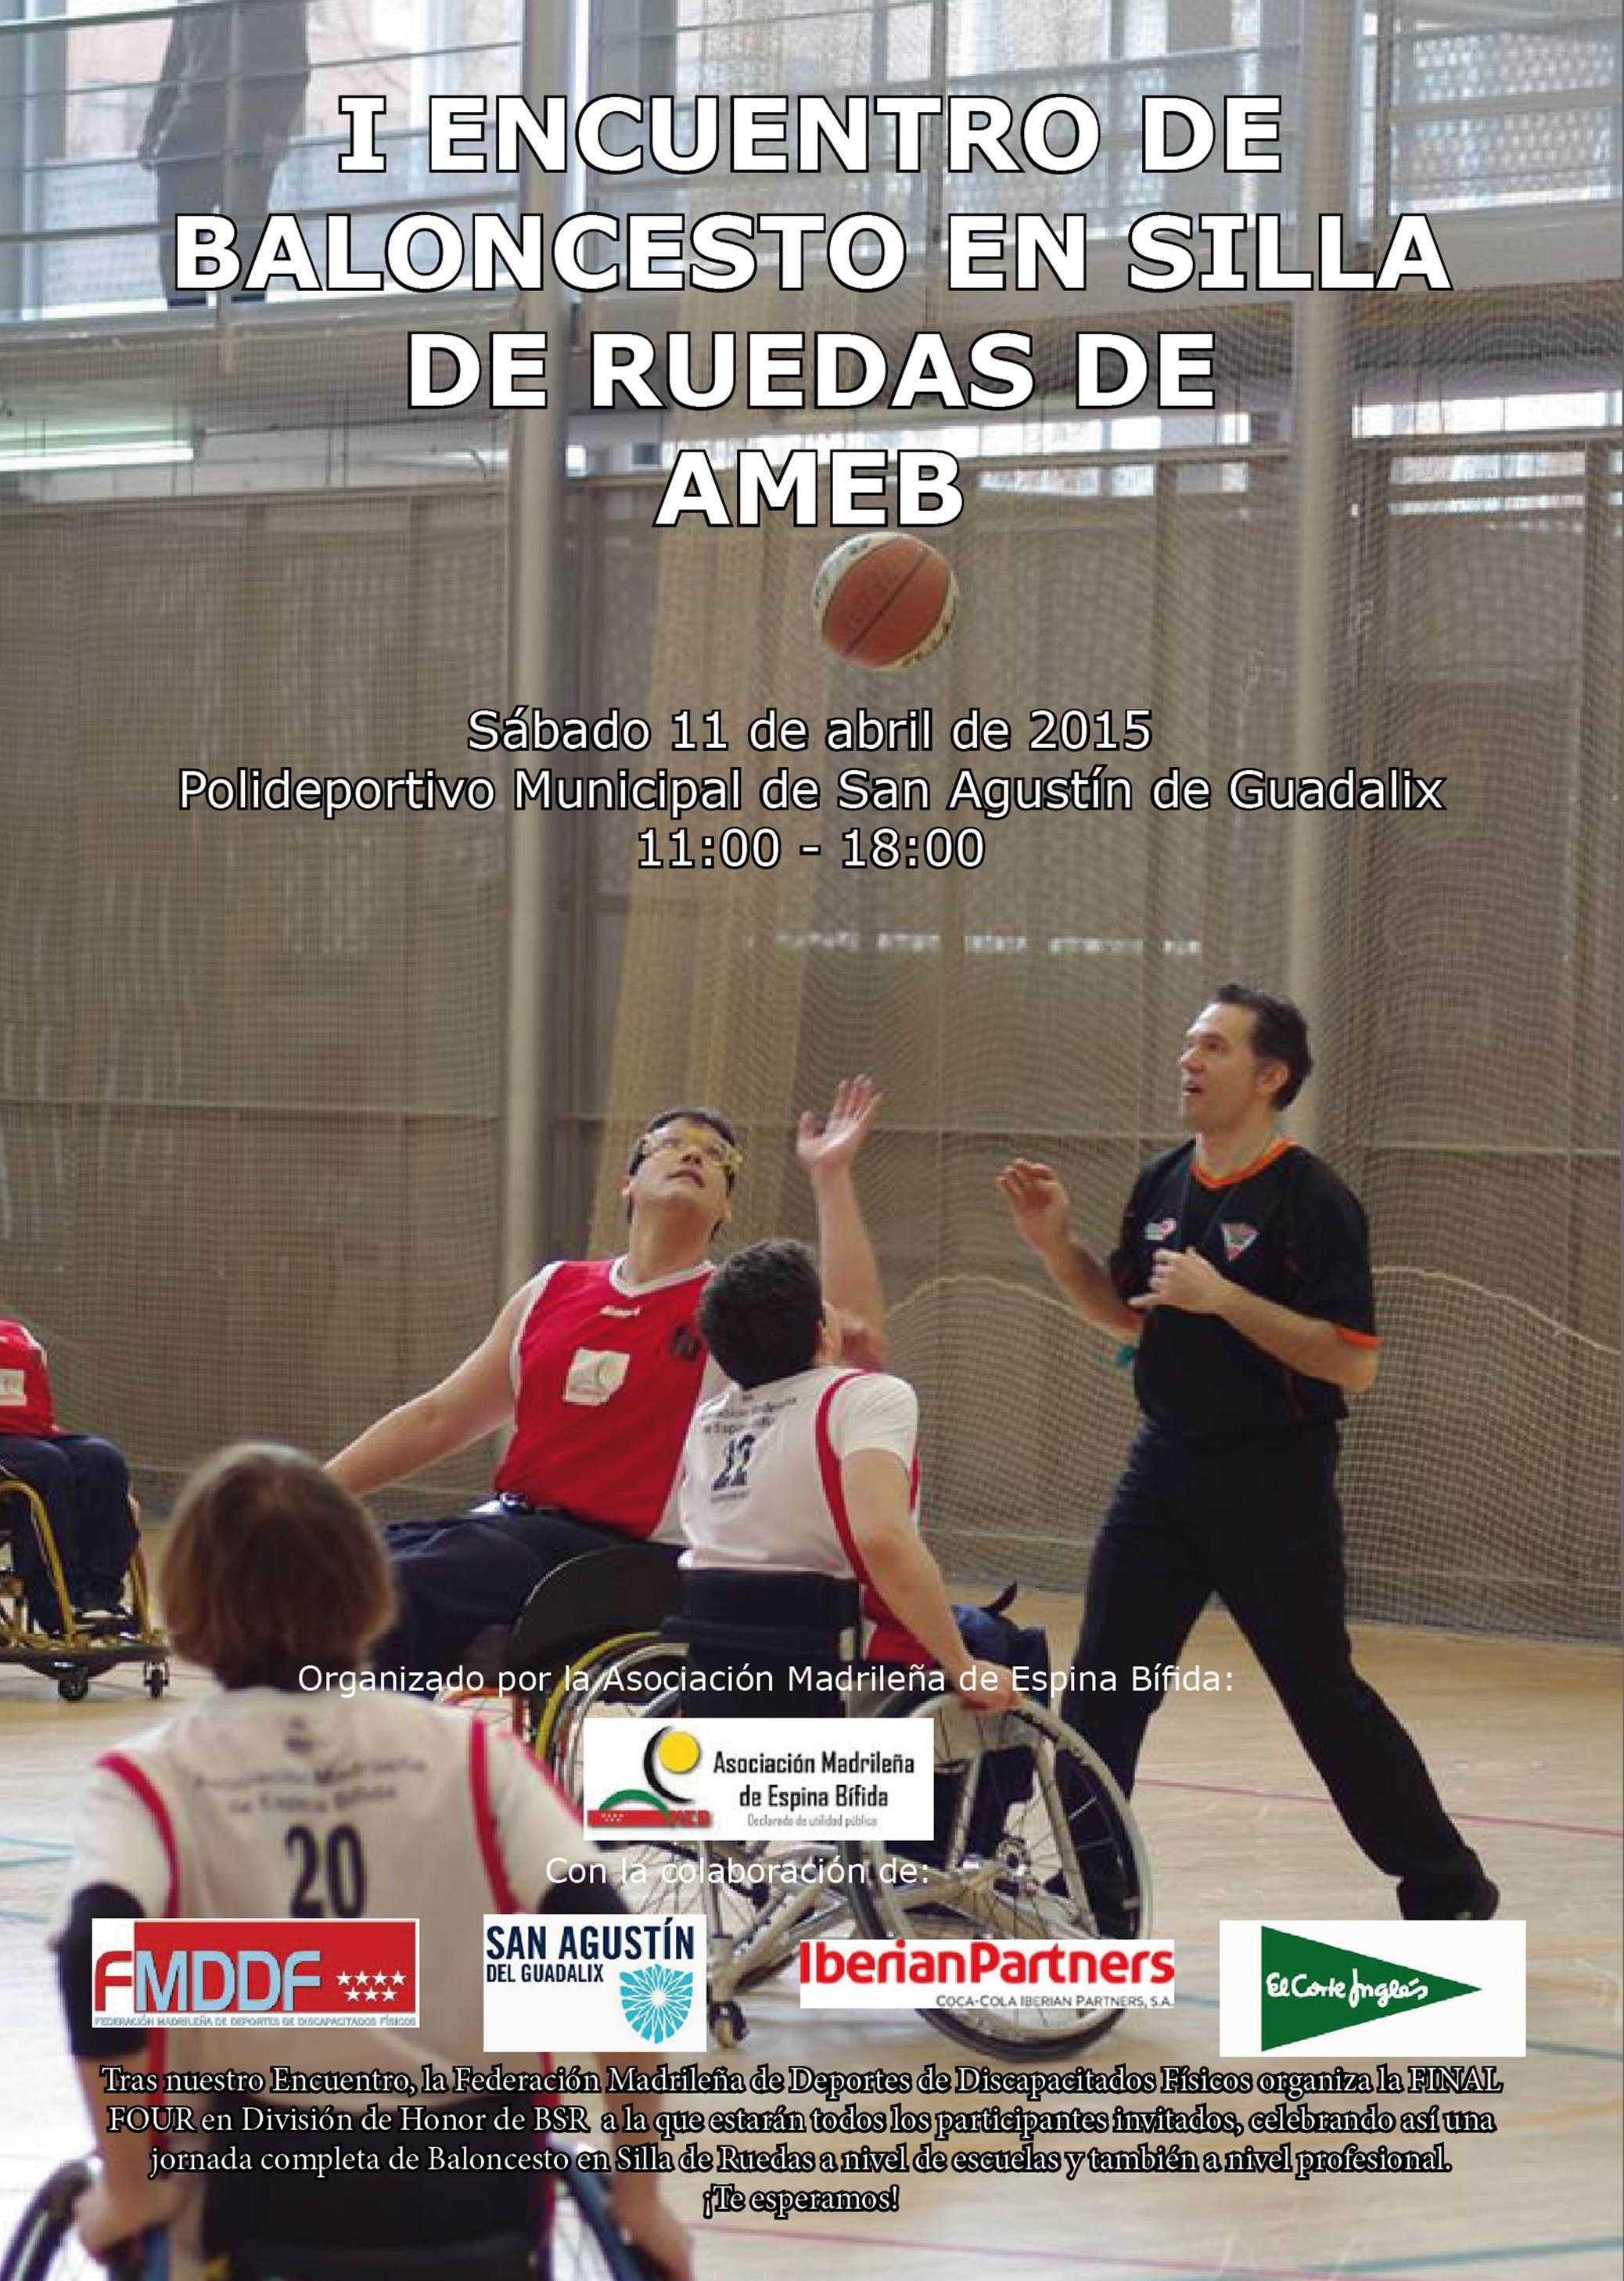 AMEB organiza en San Agustín del Guadalix el I Encuentro de Escuelas de Baloncesto en Silla de Ruedas